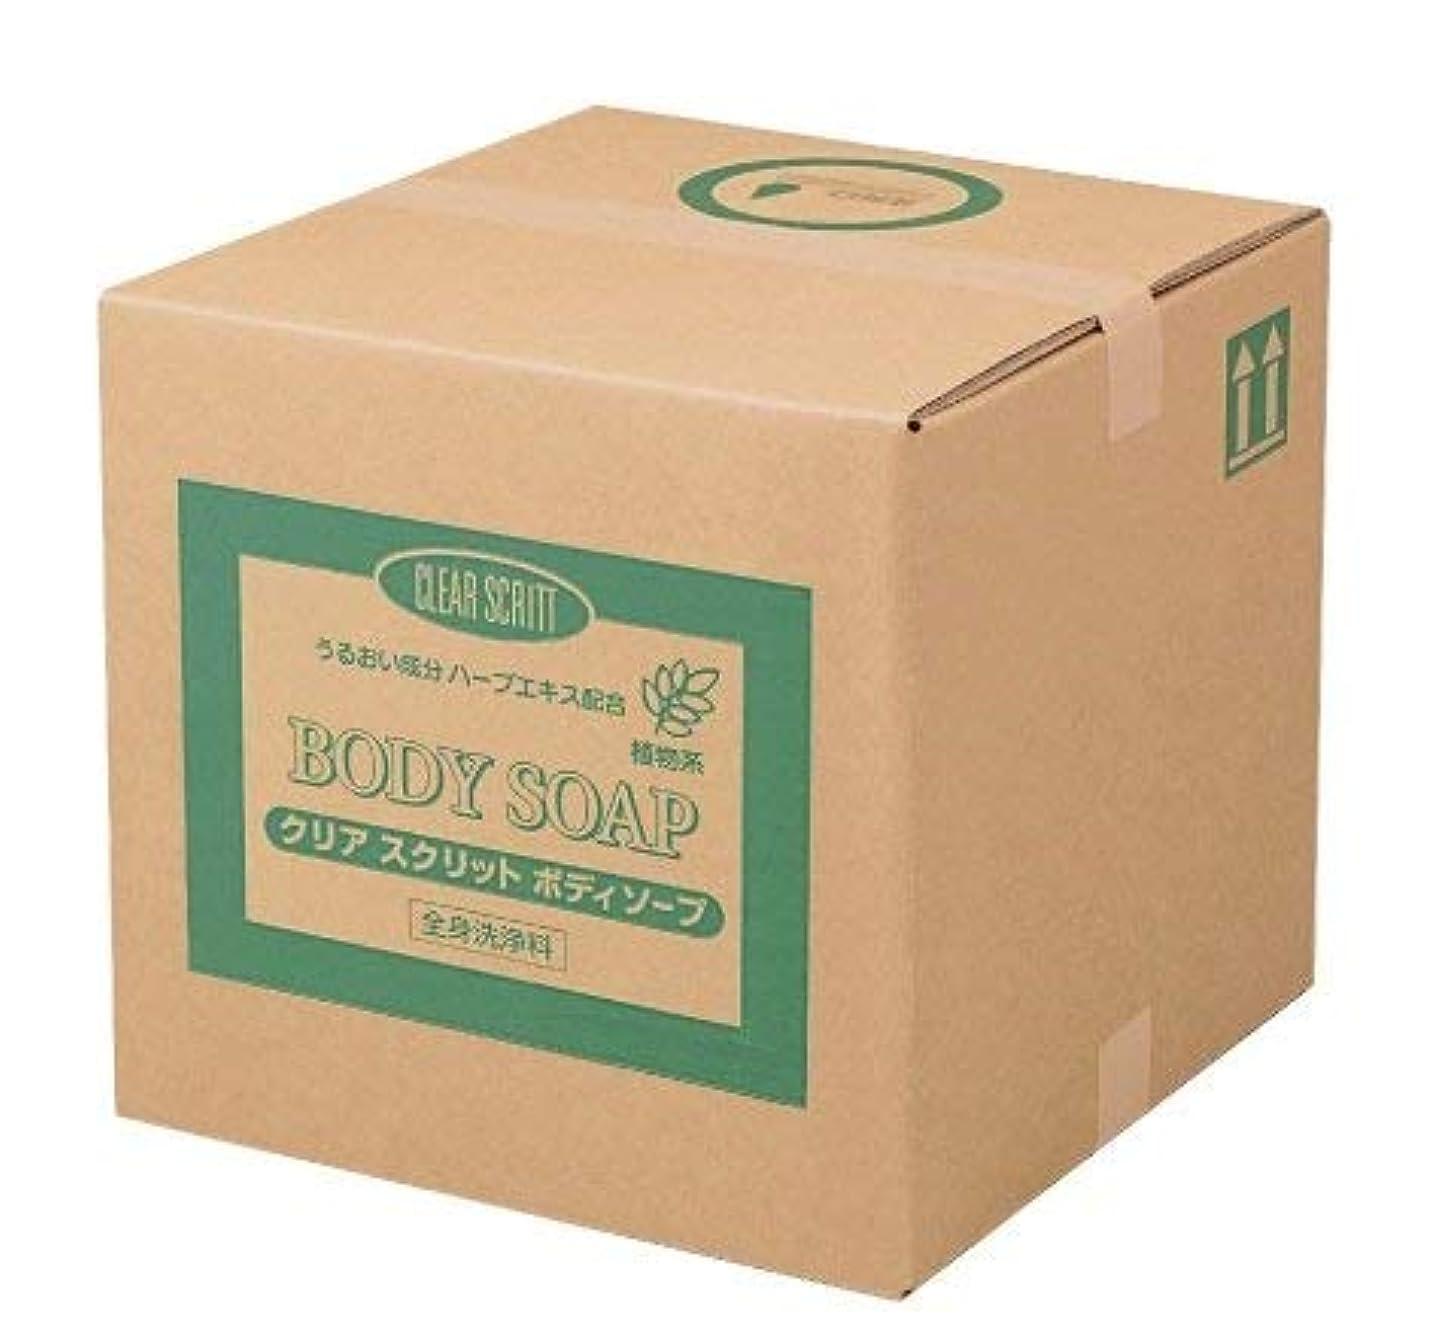 ブランク小切手格納業務用 クリアスクリット ボディソープ 18L 熊野油脂 (コック付き)